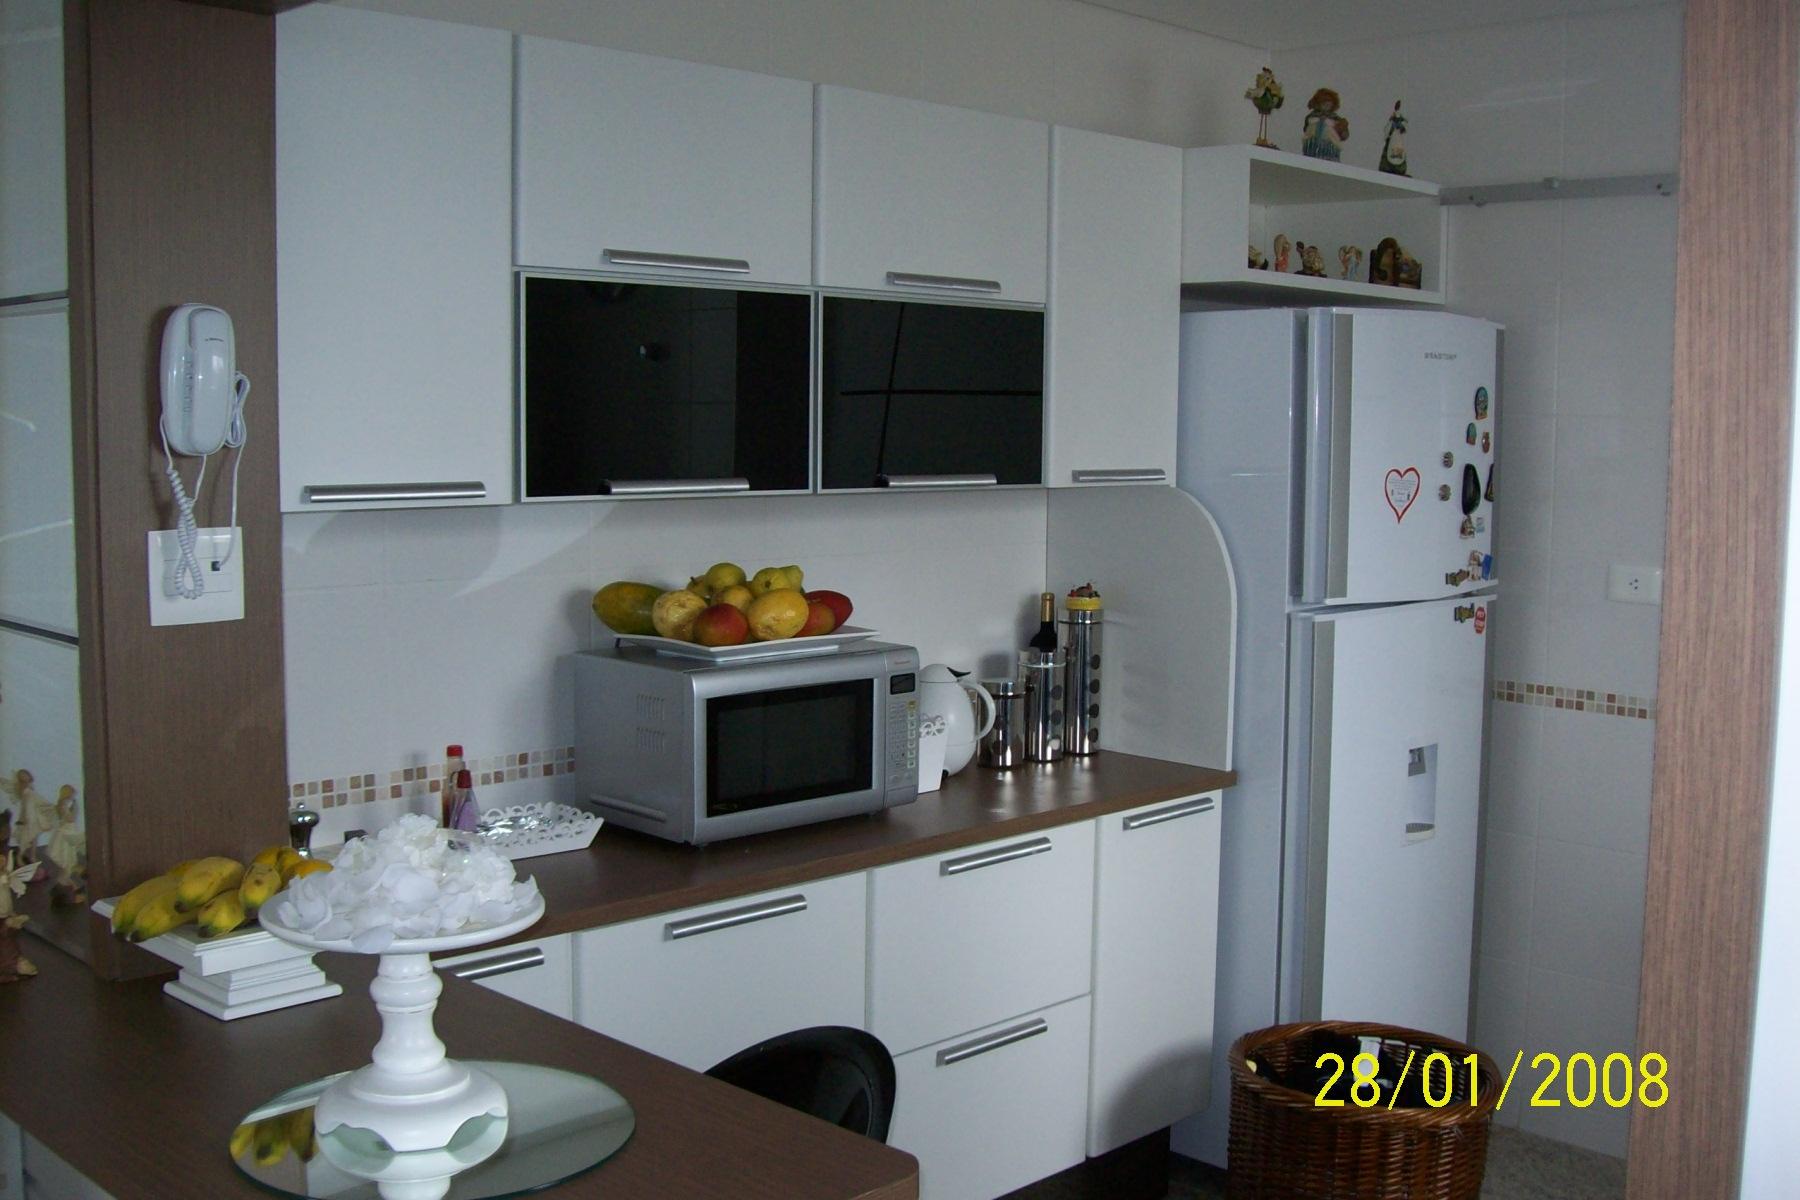 #6F653C Cozinha Americana 3 110x70 Moveis E Decoracao Pelautscom Picture Car  1800x1200 px Decoração De Cozinha Simples_130 Imagens